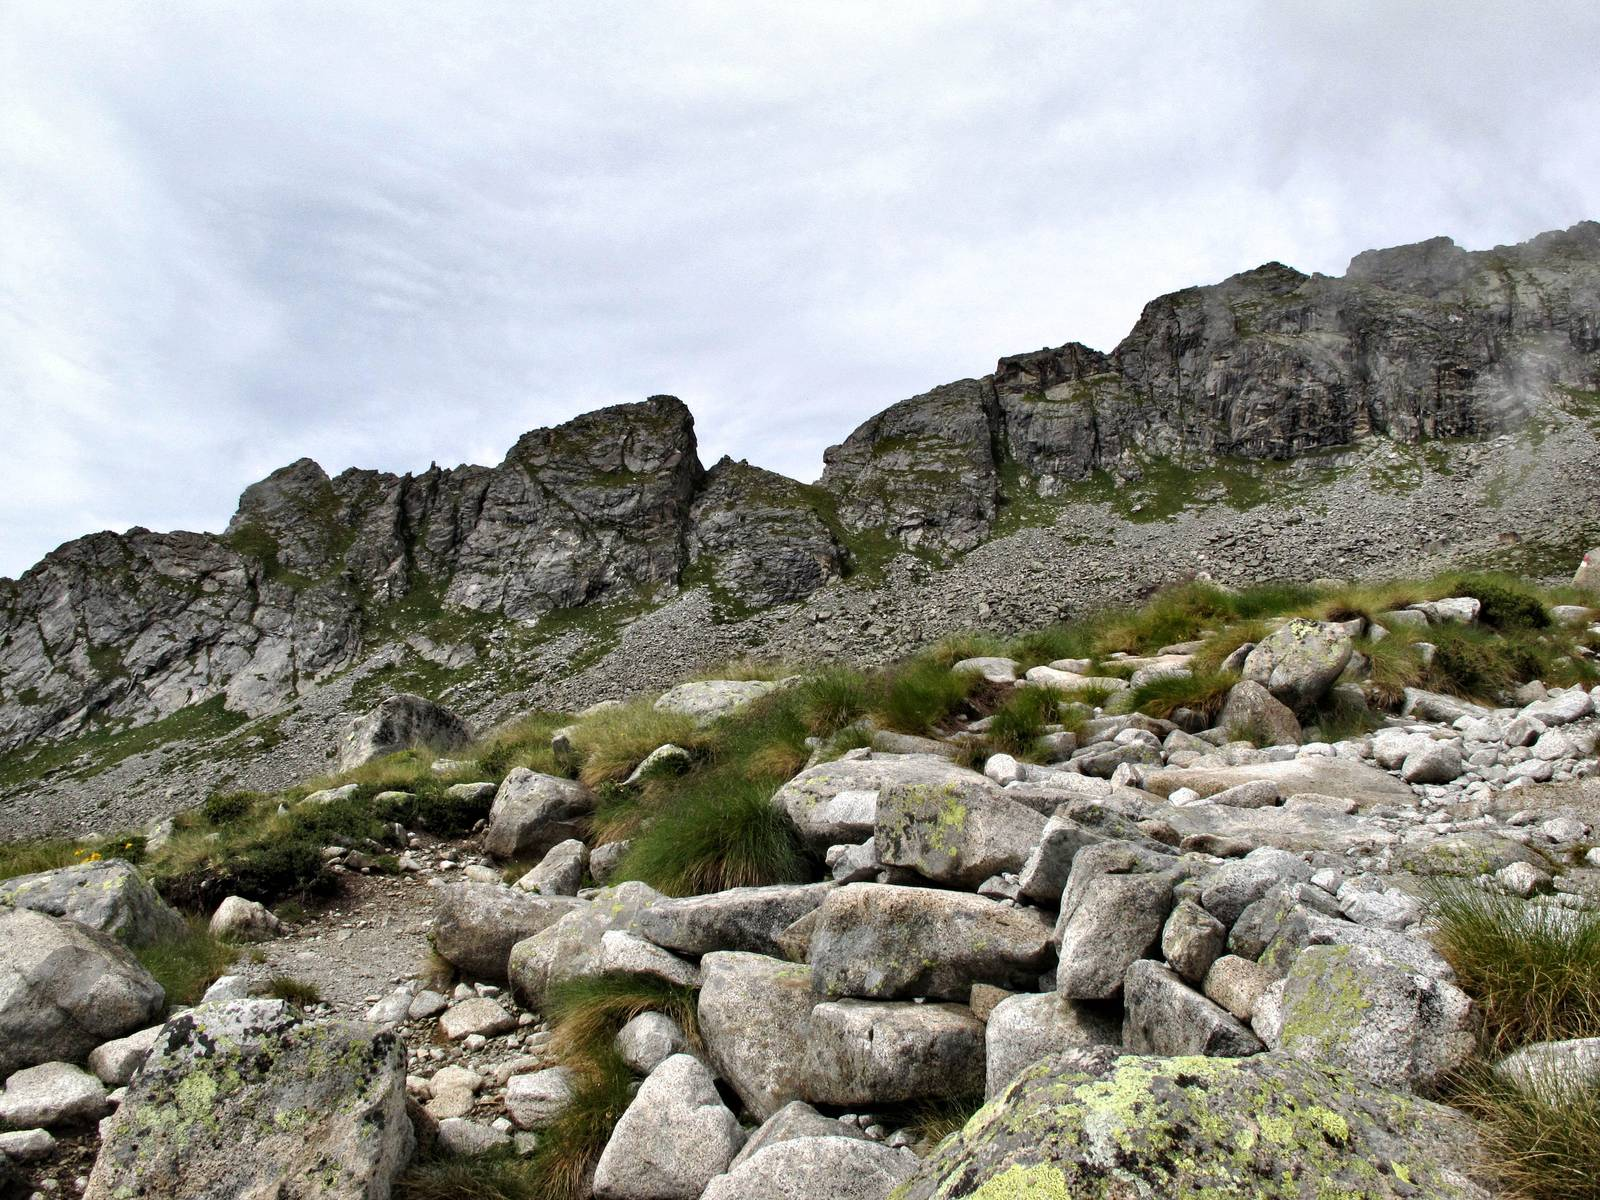 Passi-nella-neve-9-agosto-2014_Narrazione-in-cammino-destinazione-Garibaldi54 Copia